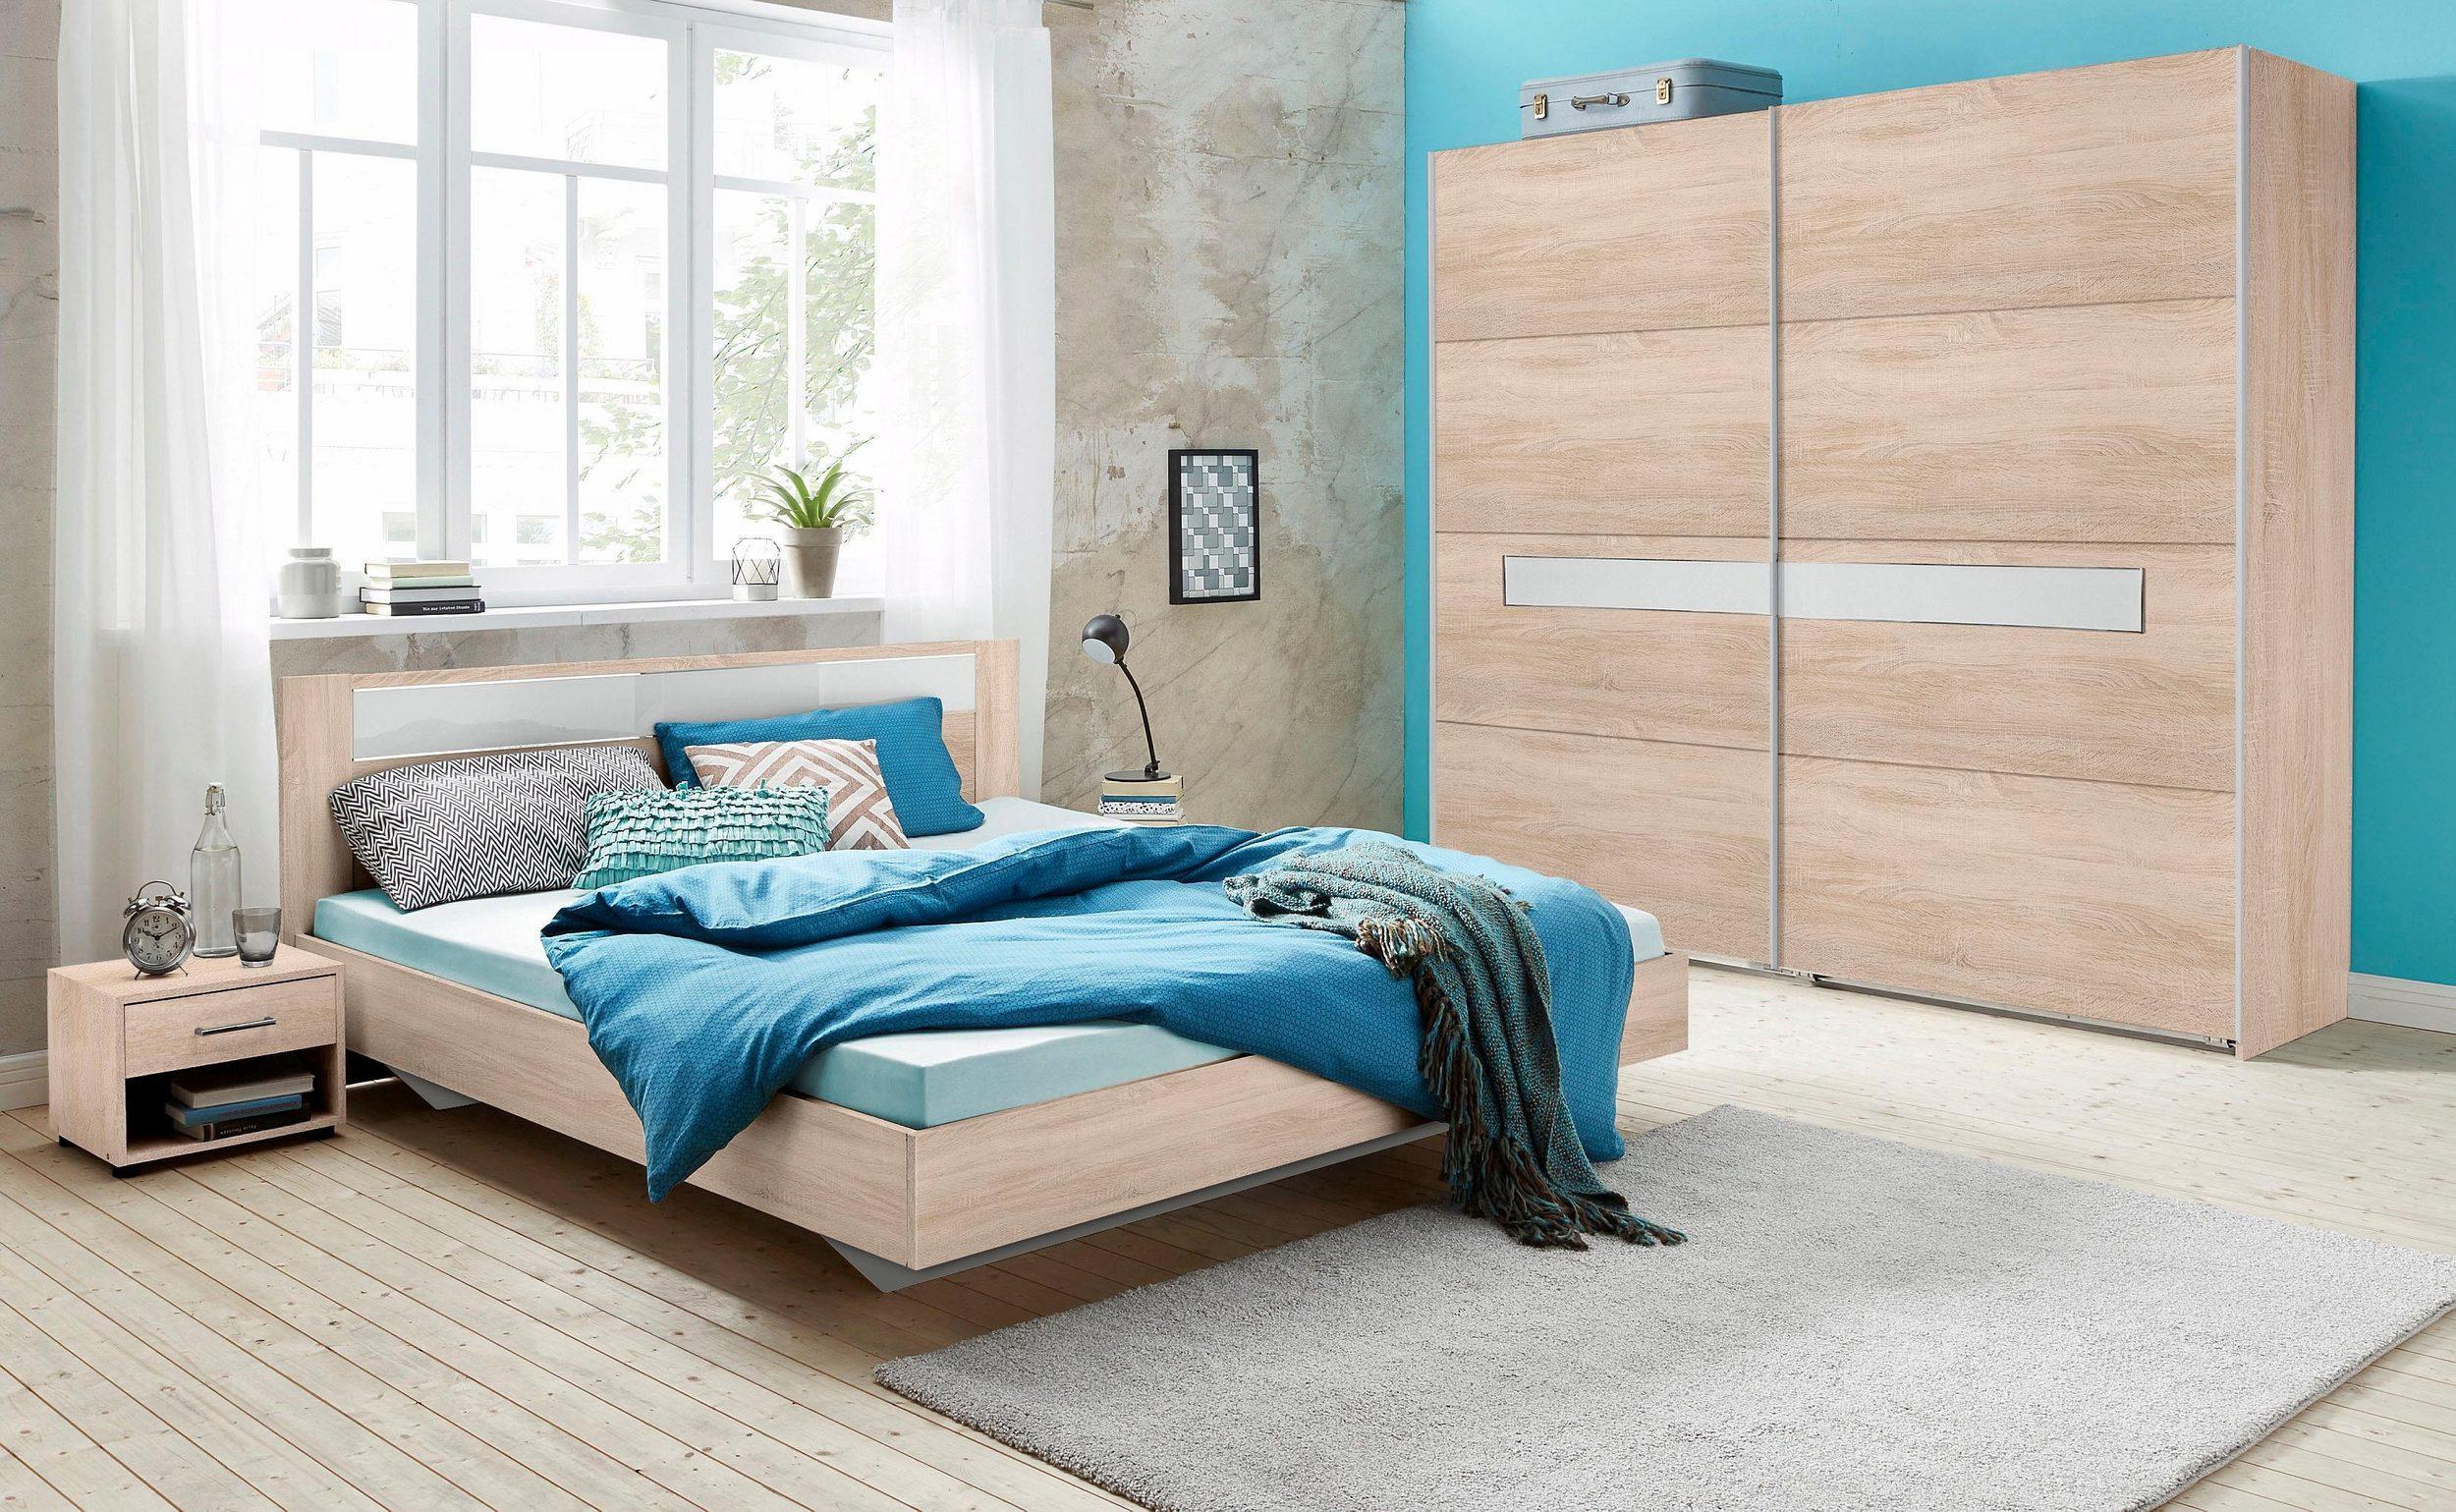 25 sparen wimex schlafzimmer 4 teilig nur 449 99 - Wimex schlafzimmer ...